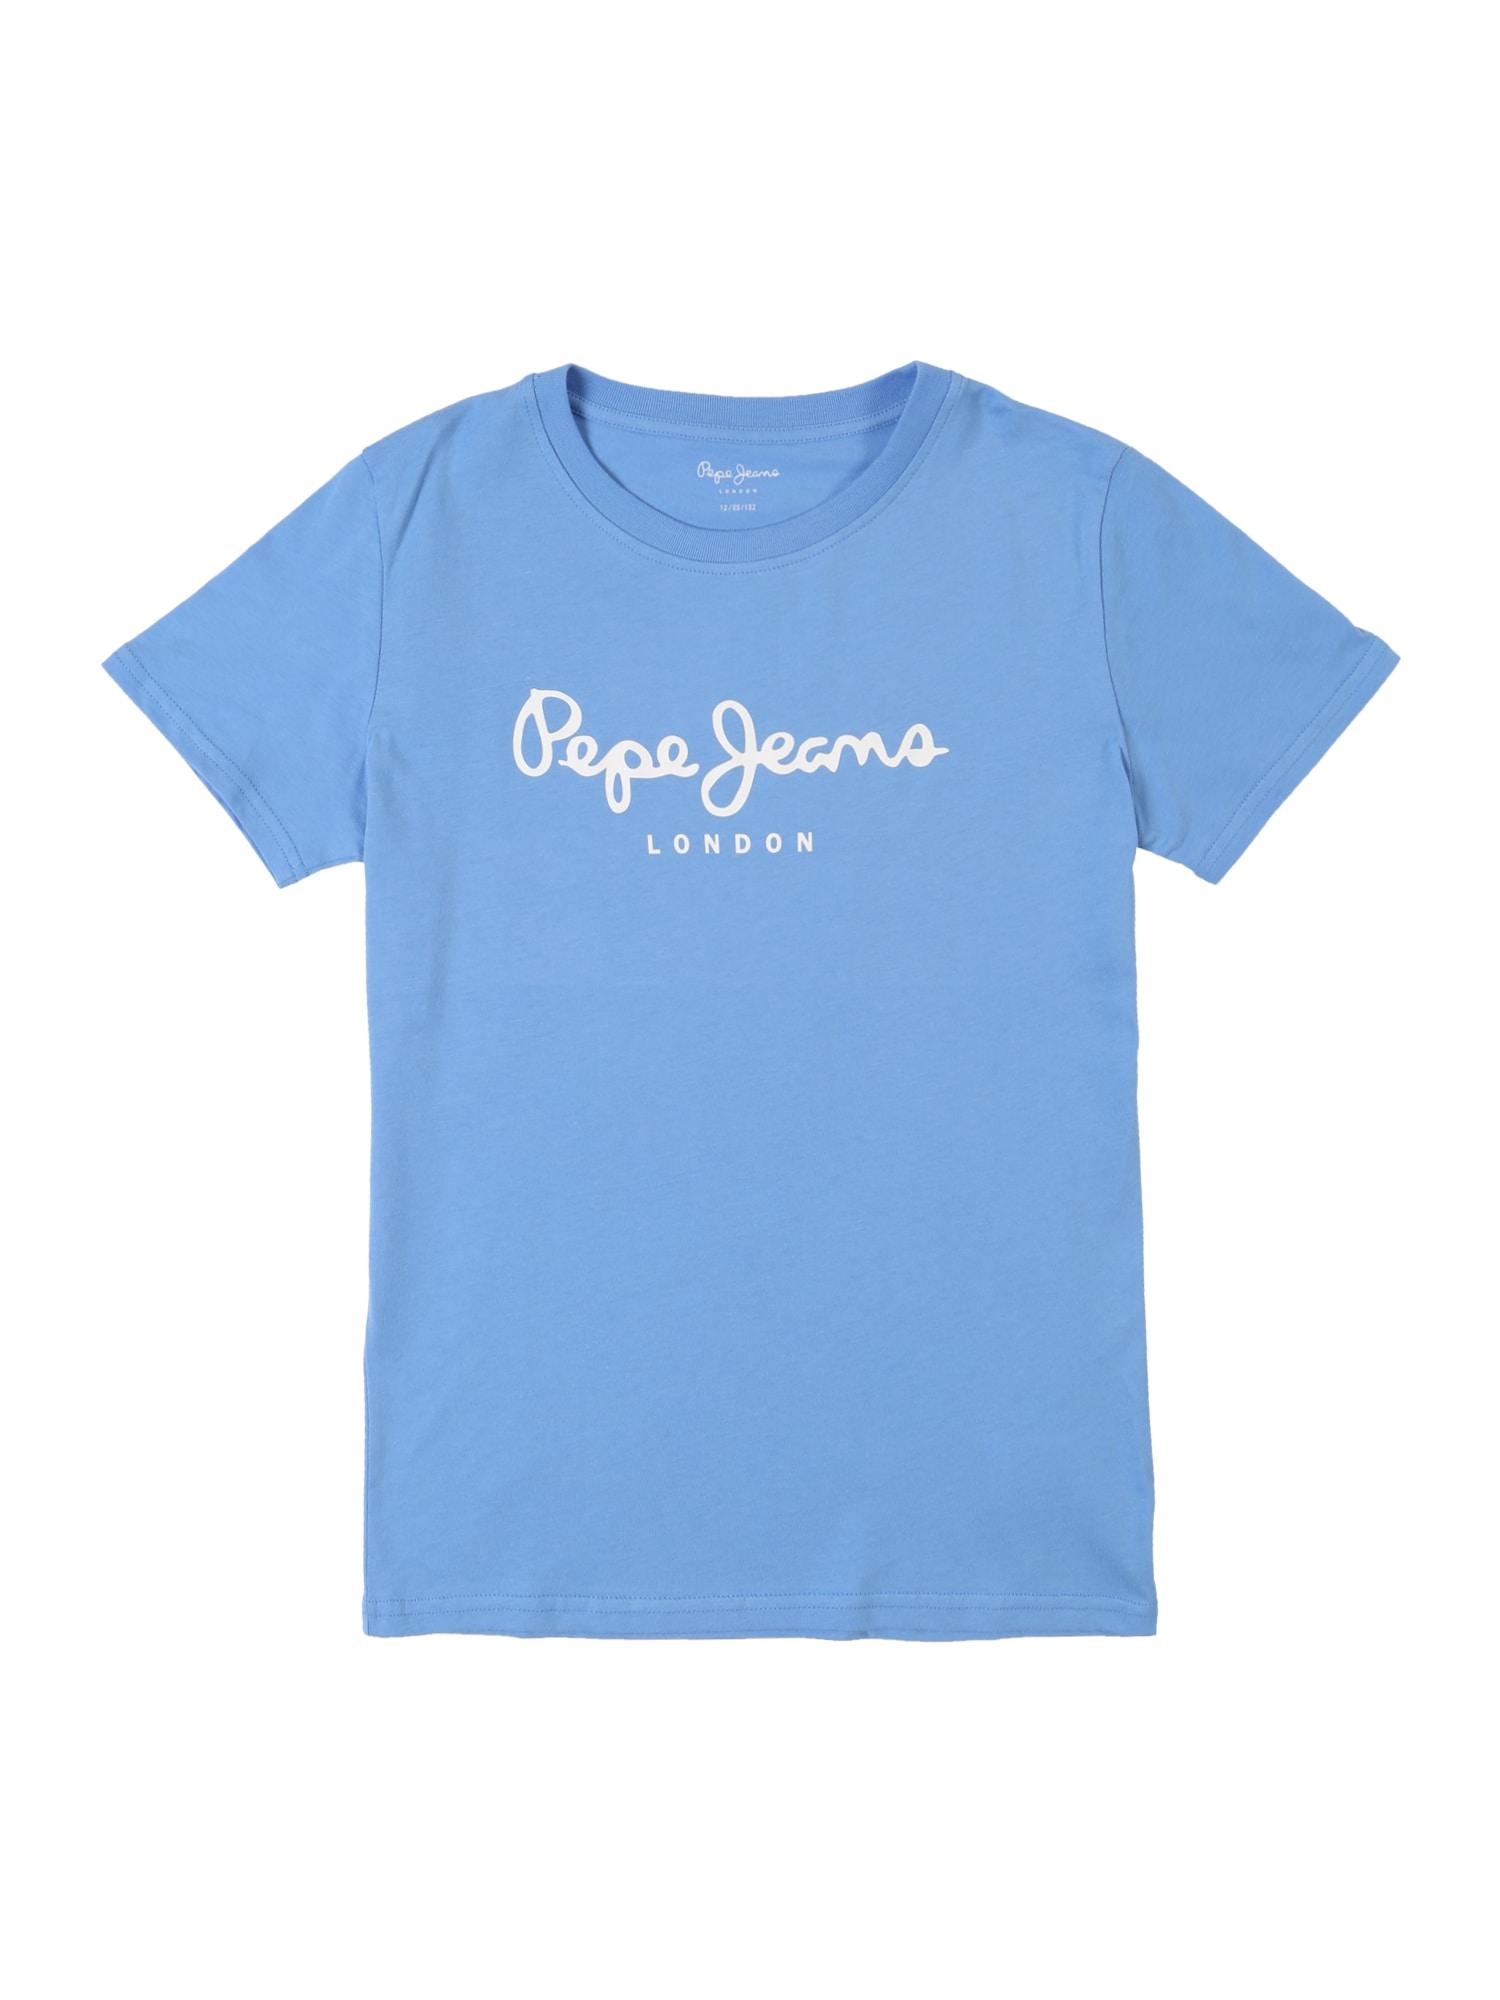 Tričko ART nebeská modř bílá Pepe Jeans